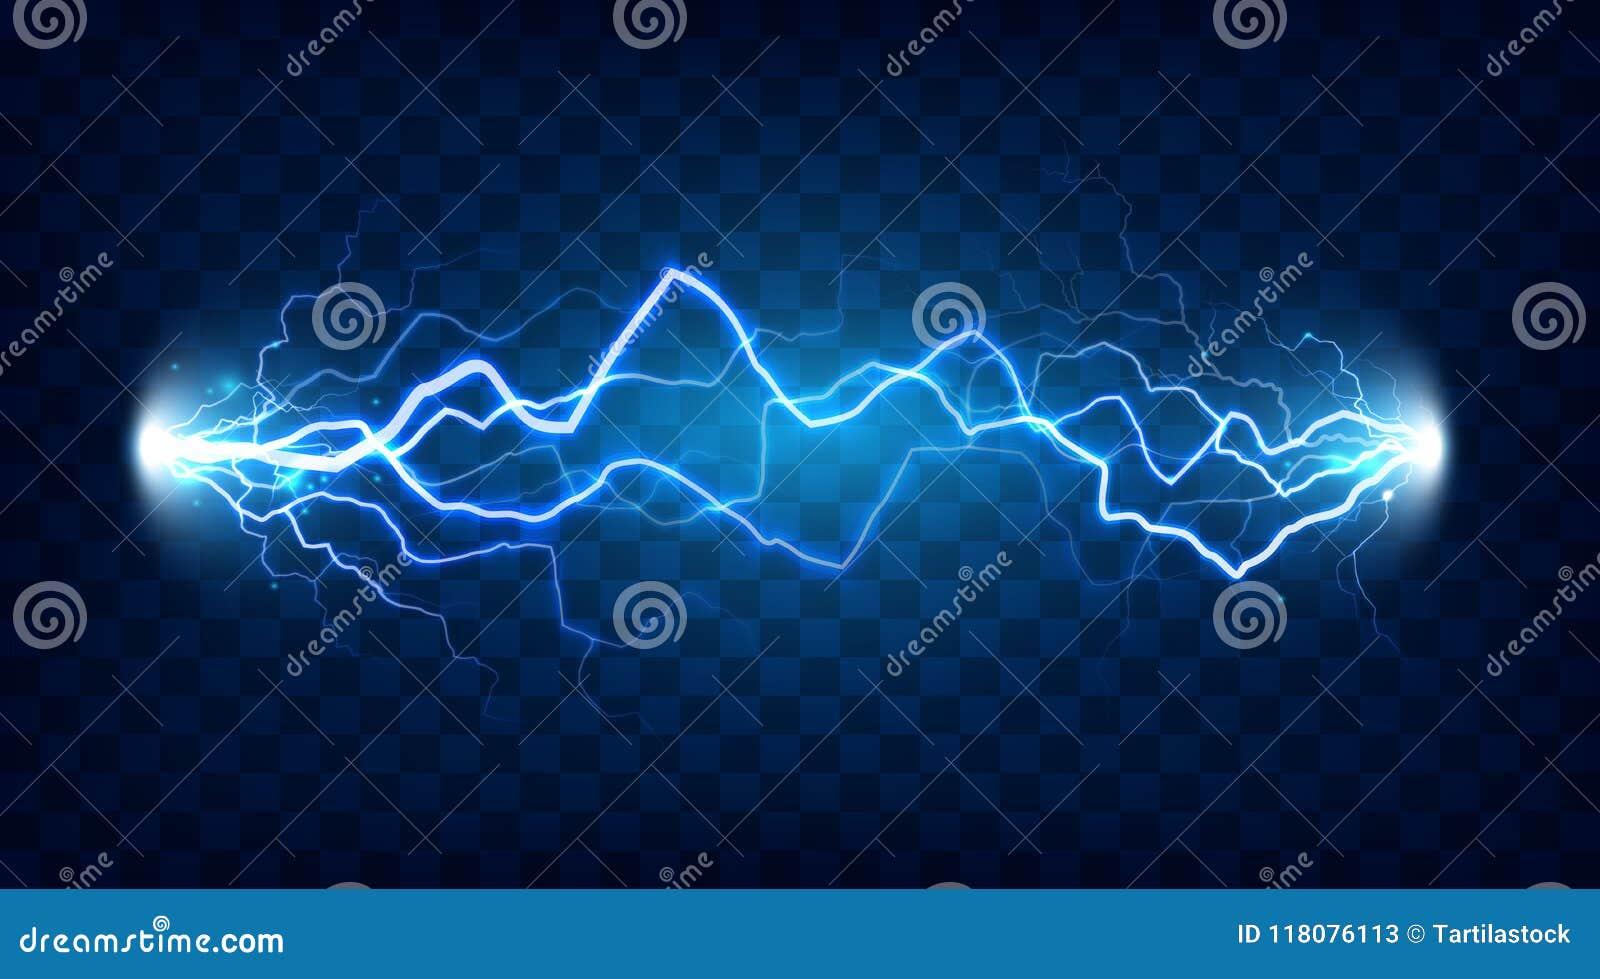 Efeito chocado da descarga elétrica para o projeto Põe o relâmpago da energia elétrica ou o vetor isolado efeitos da eletricidade